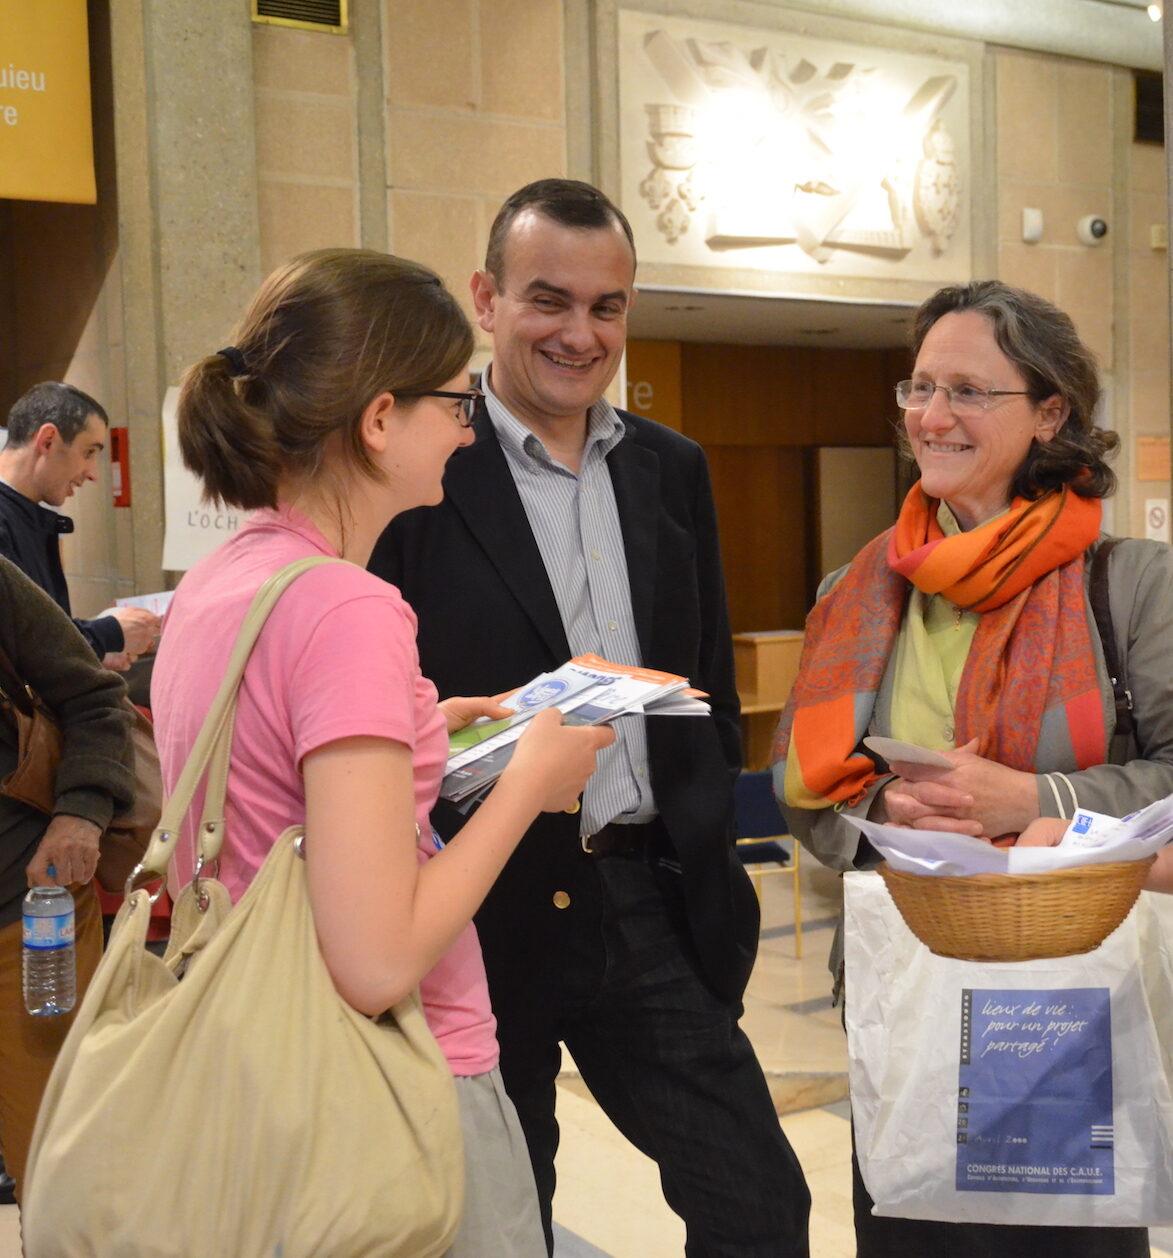 Bénévoles de l'OCH à la fin d'une conférence